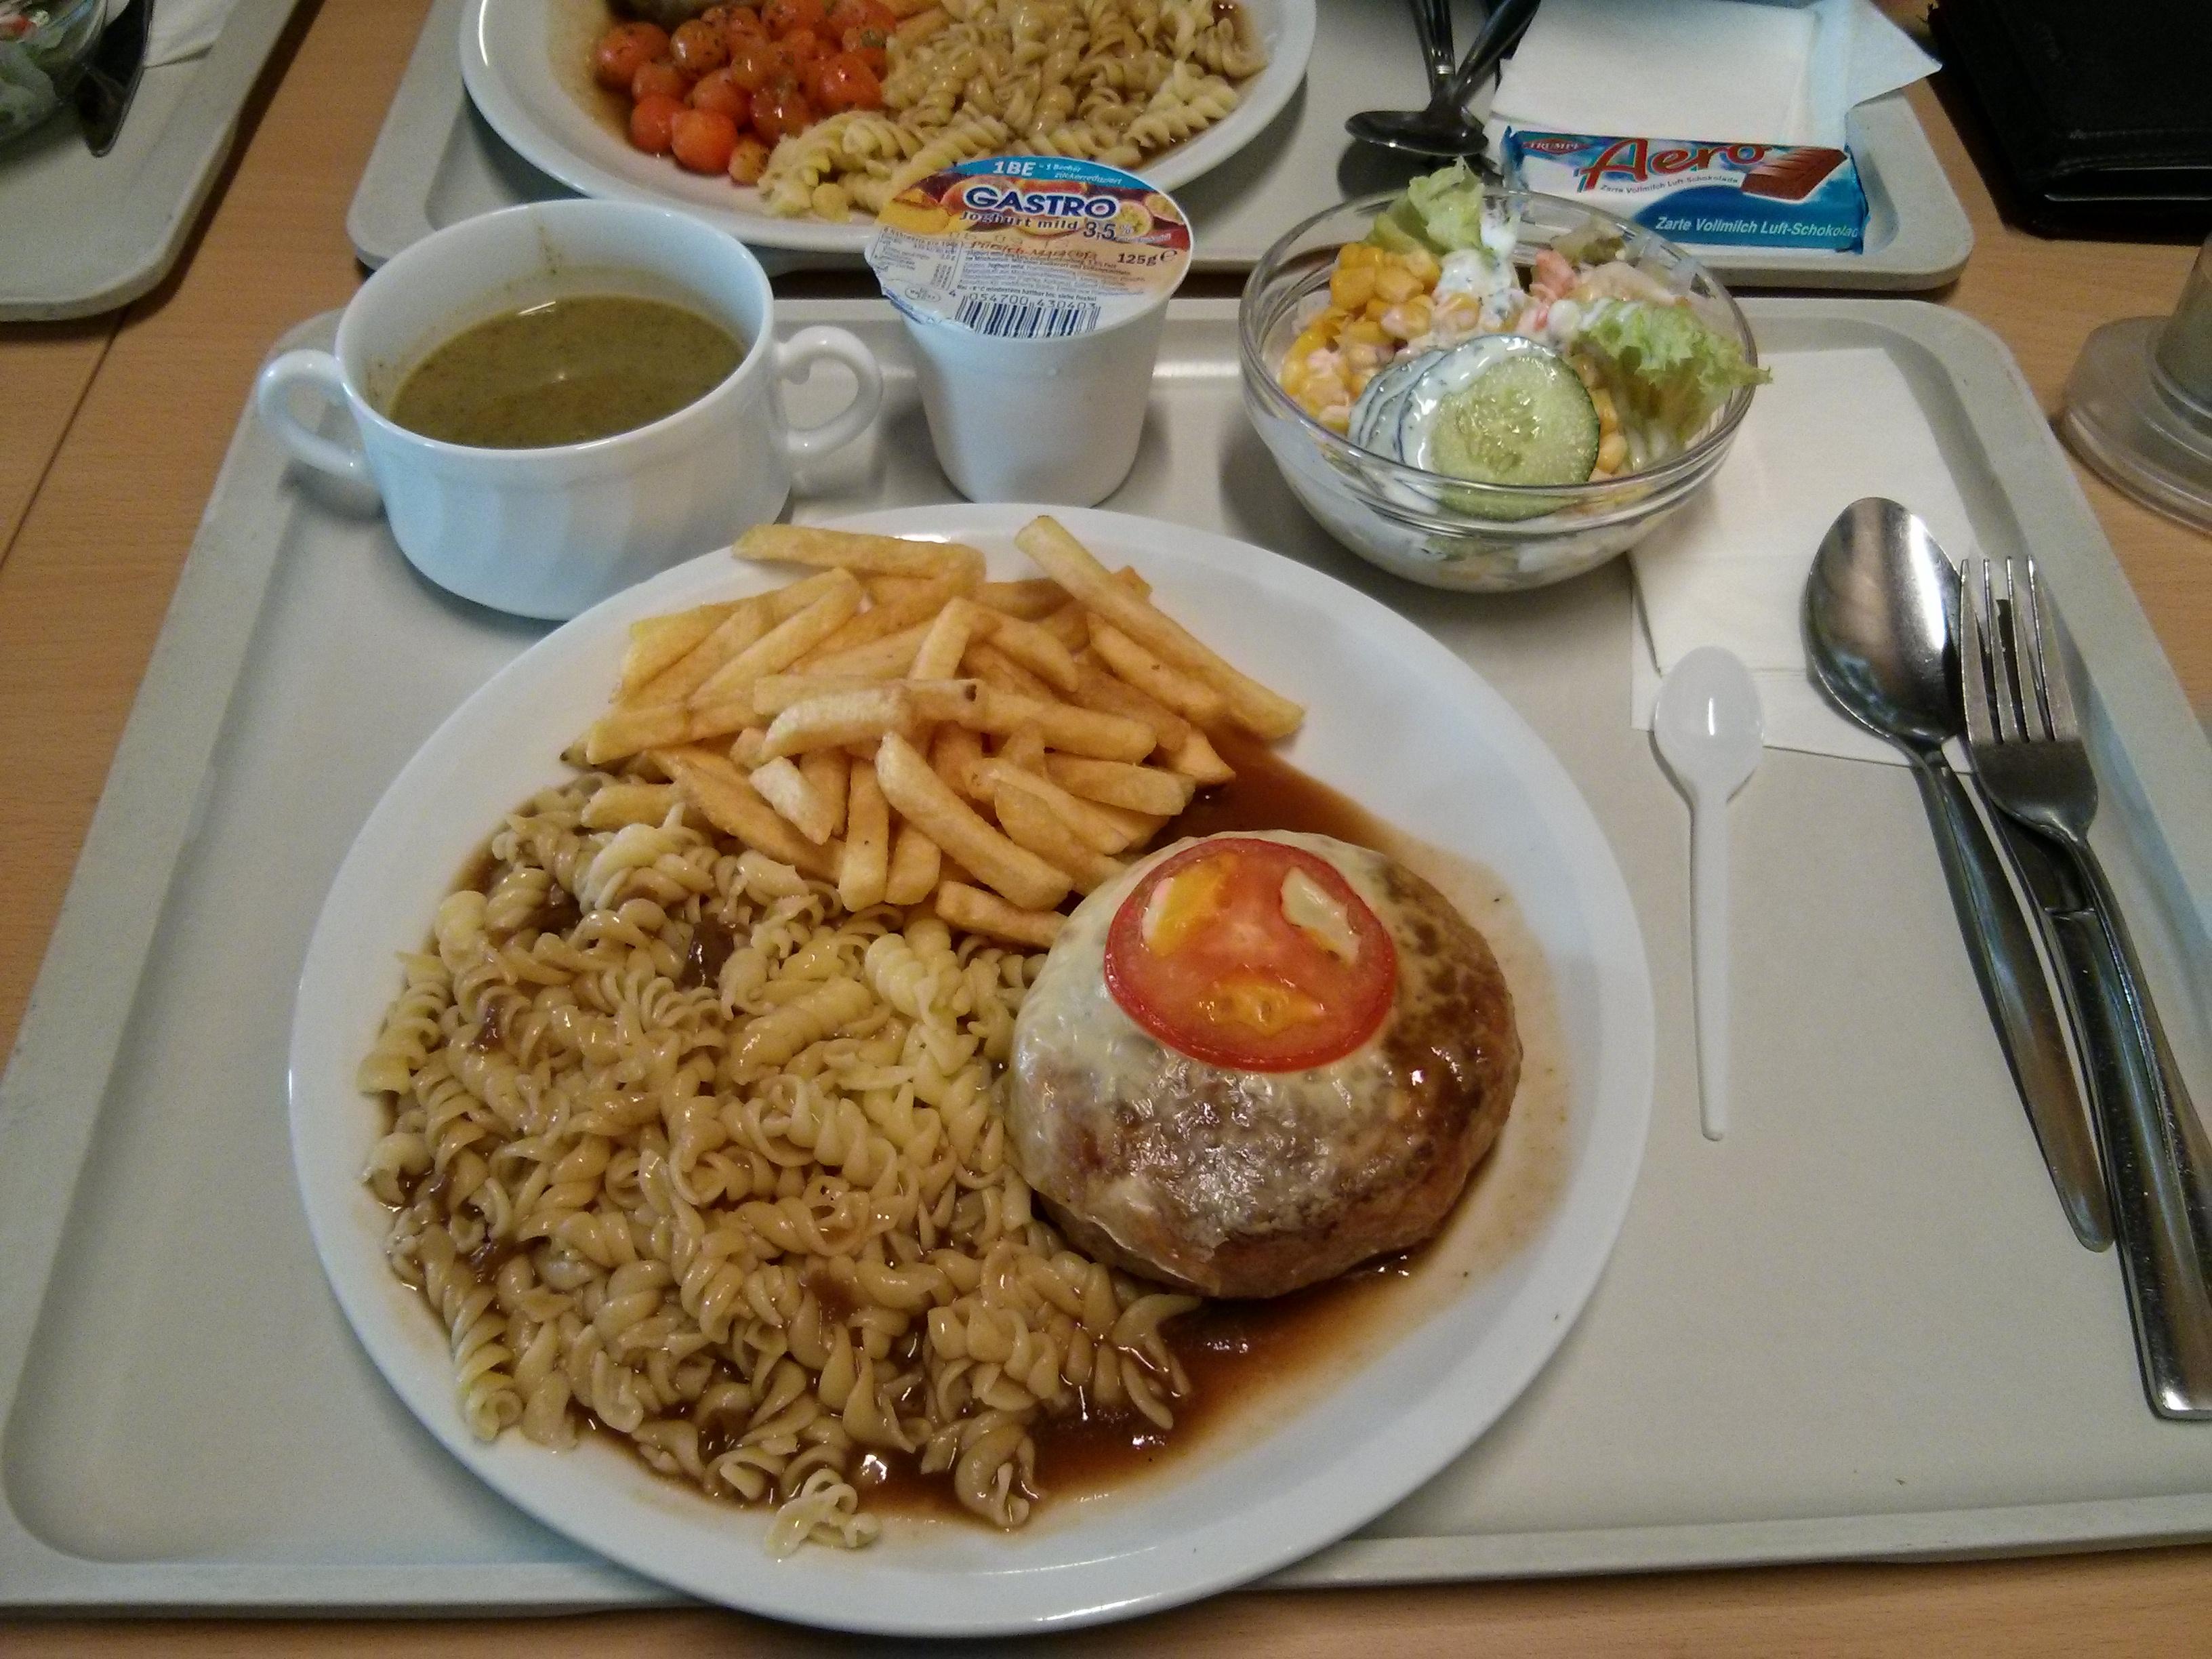 https://foodloader.net/nico_2013-08-27_fleischkuechle-mit-kaese-ueberbacken-pommes-nudeln-suppe-salat-nachtisch.jpg